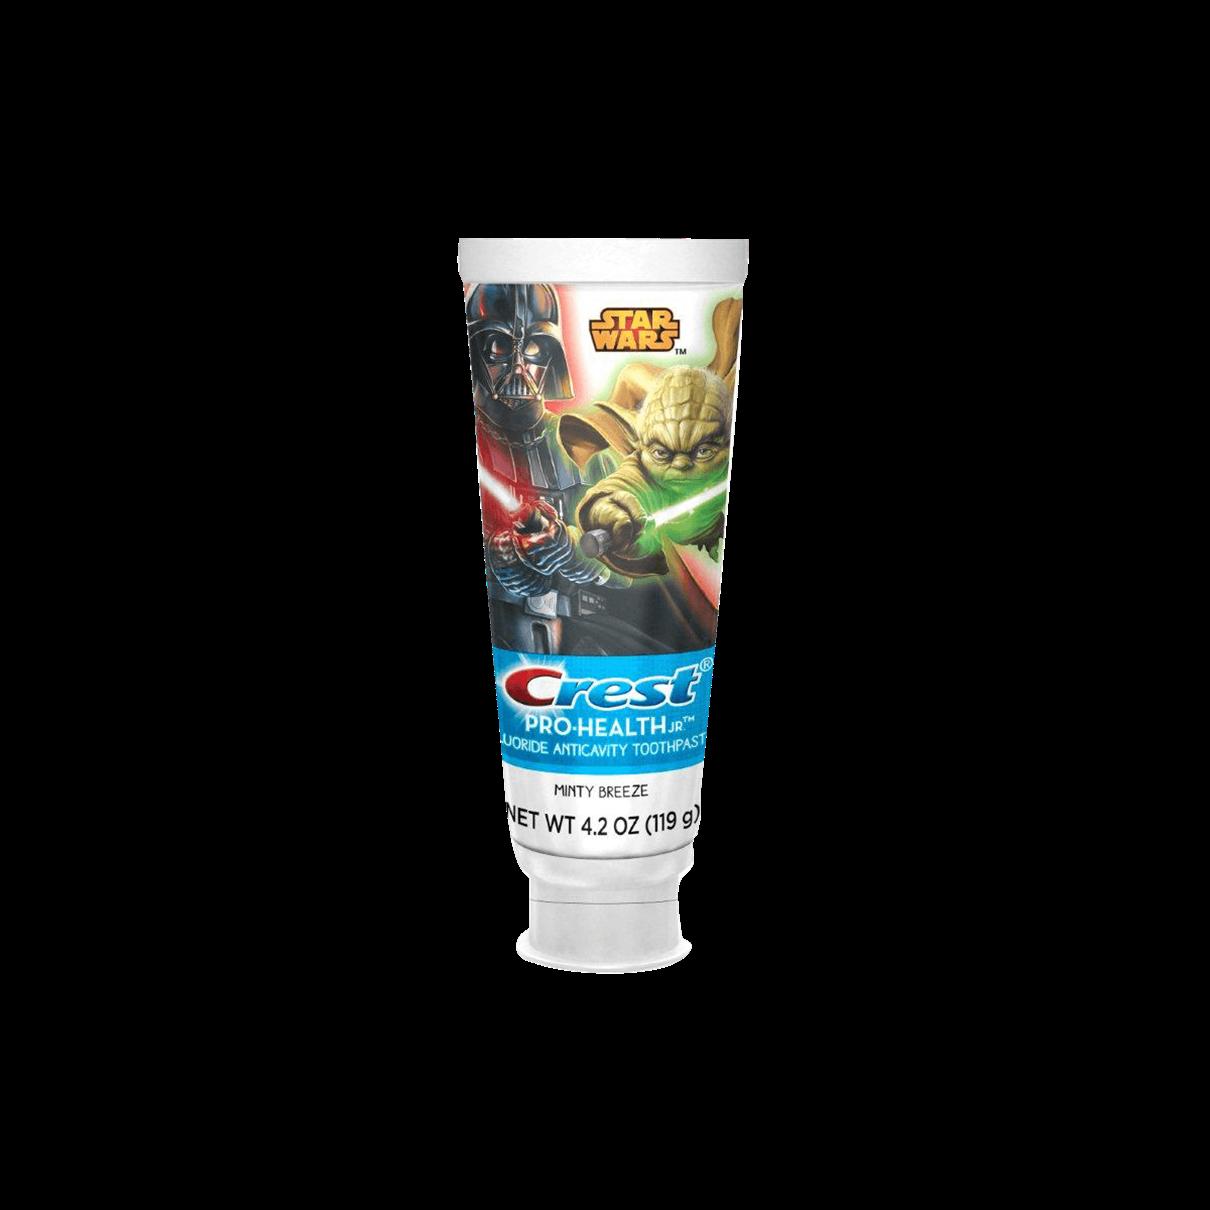 Crest_Pro_Health_Jr_Star_Wars_Toothpaste_Details.png